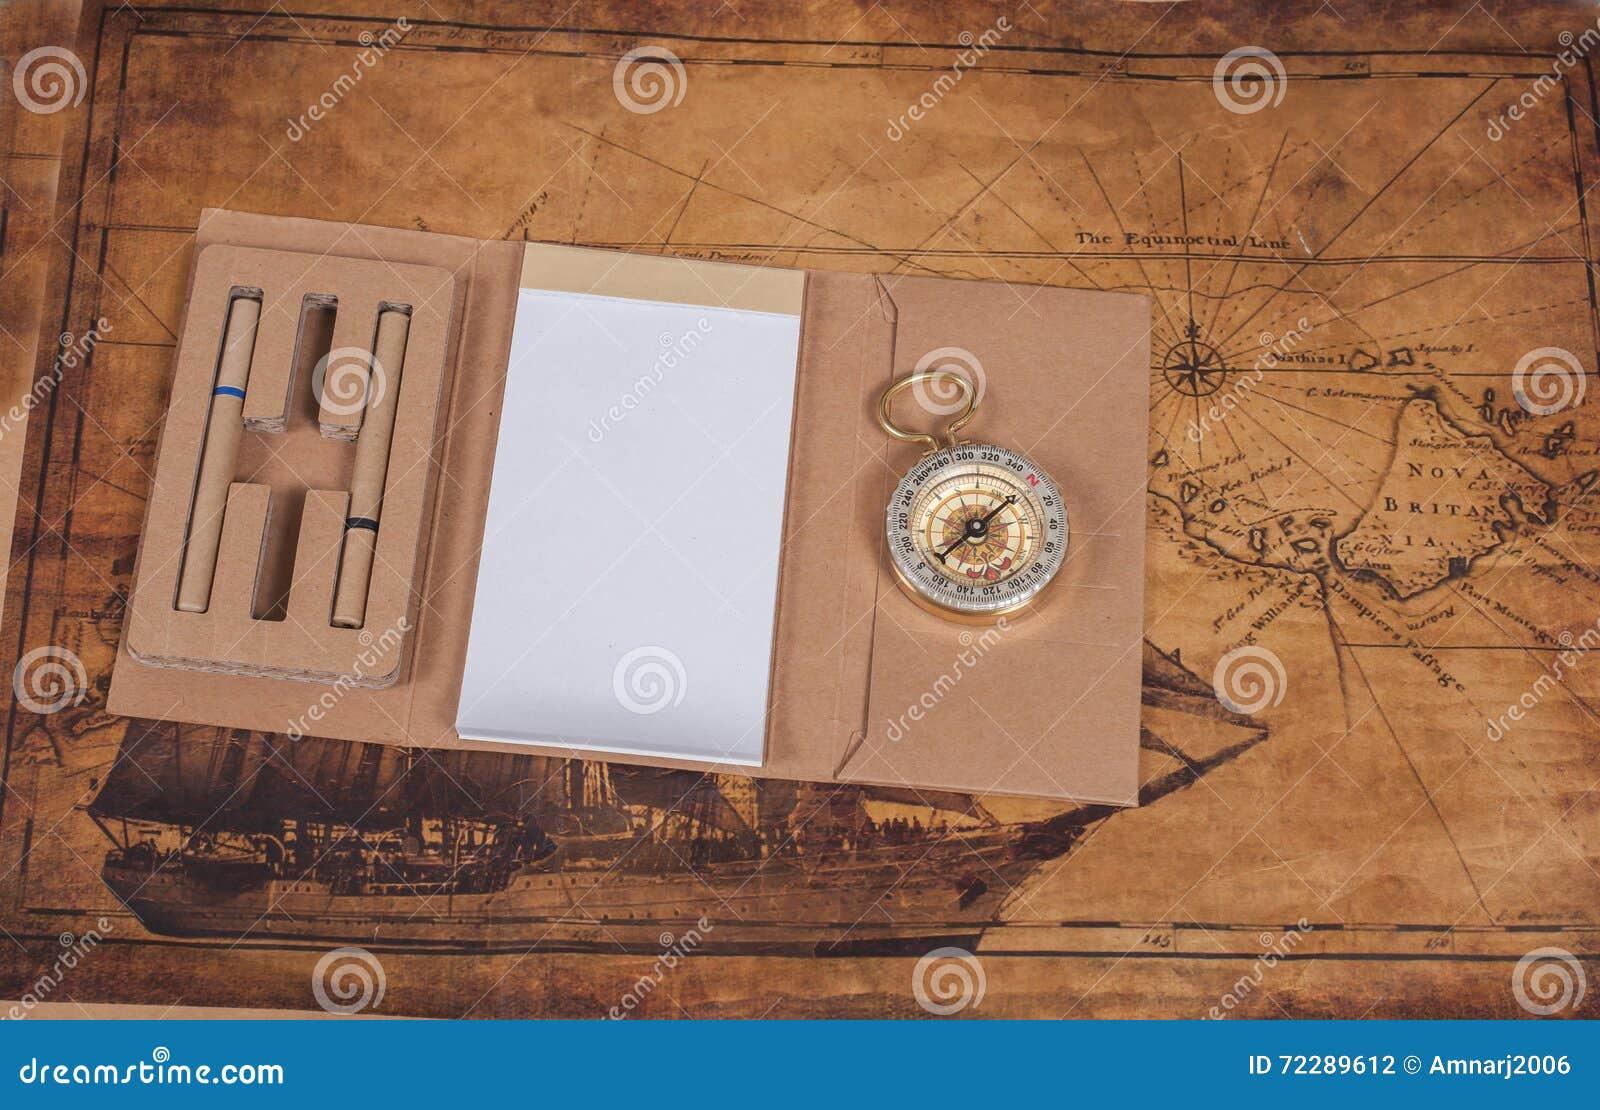 Download Компас с блокнотом на старом годе сбора винограда карты Стоковое Фото - изображение насчитывающей компас, bonnet: 72289612